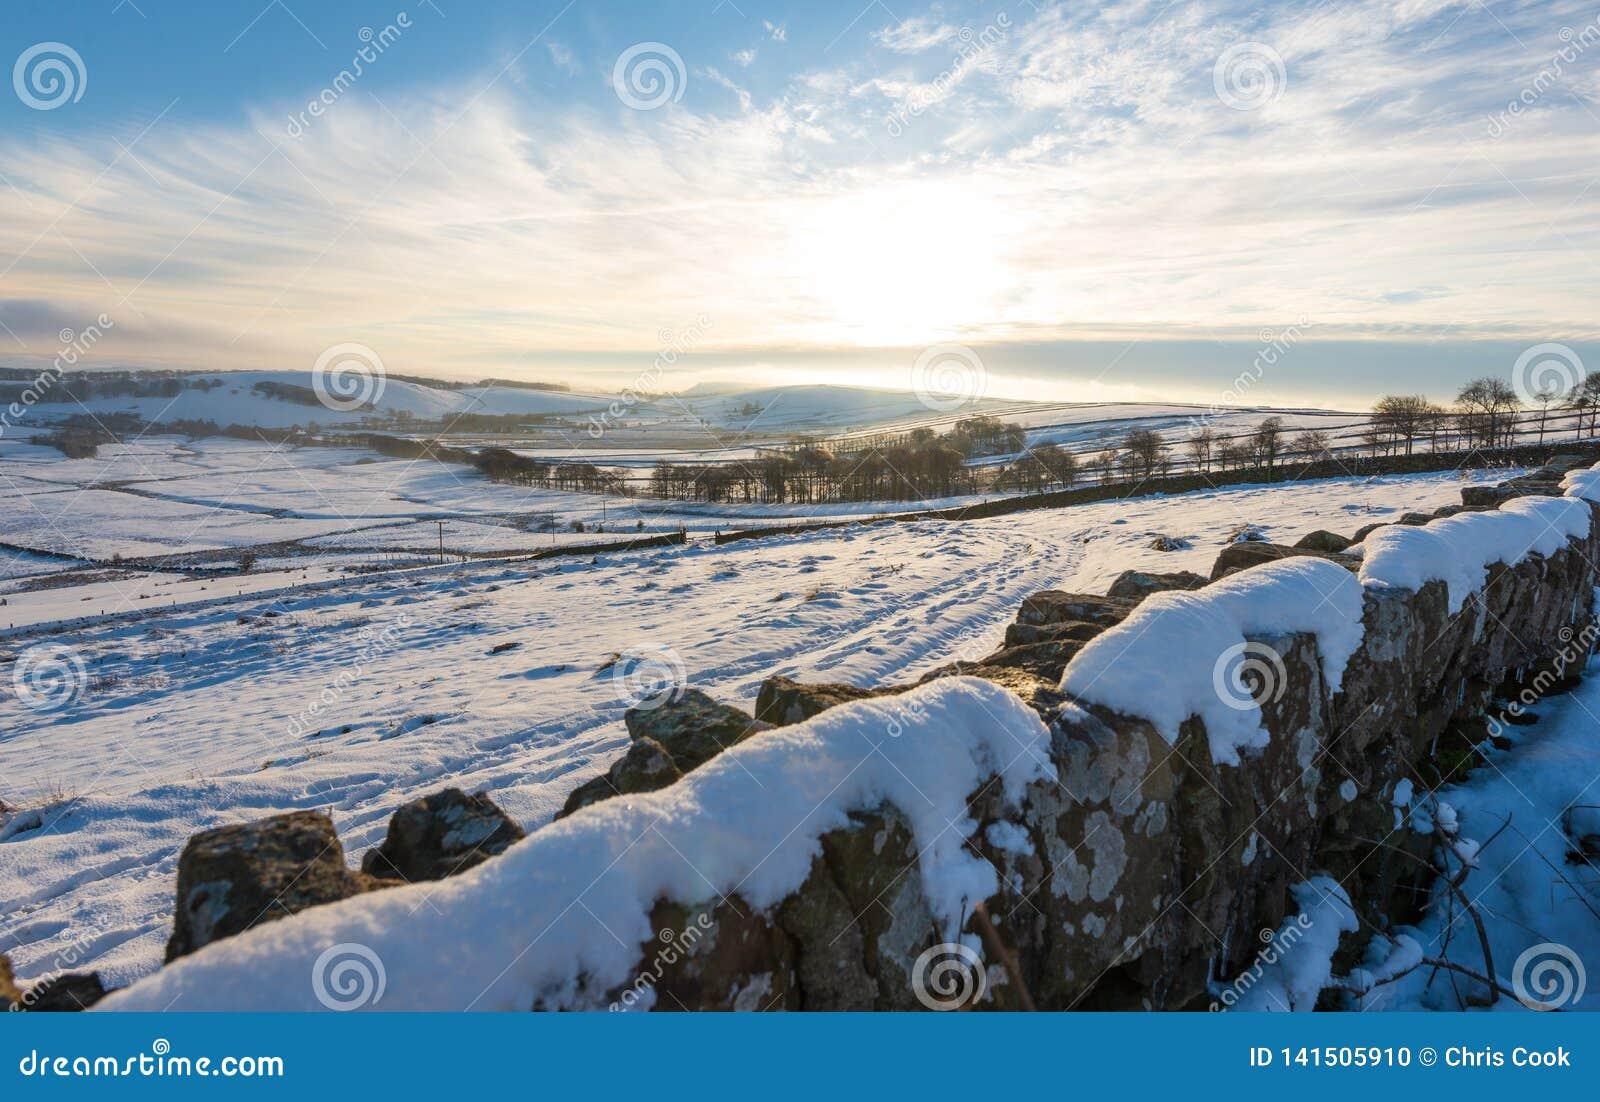 Un mur neigeux raye la vue d un beau coucher du soleil froid dans le secteur maximal